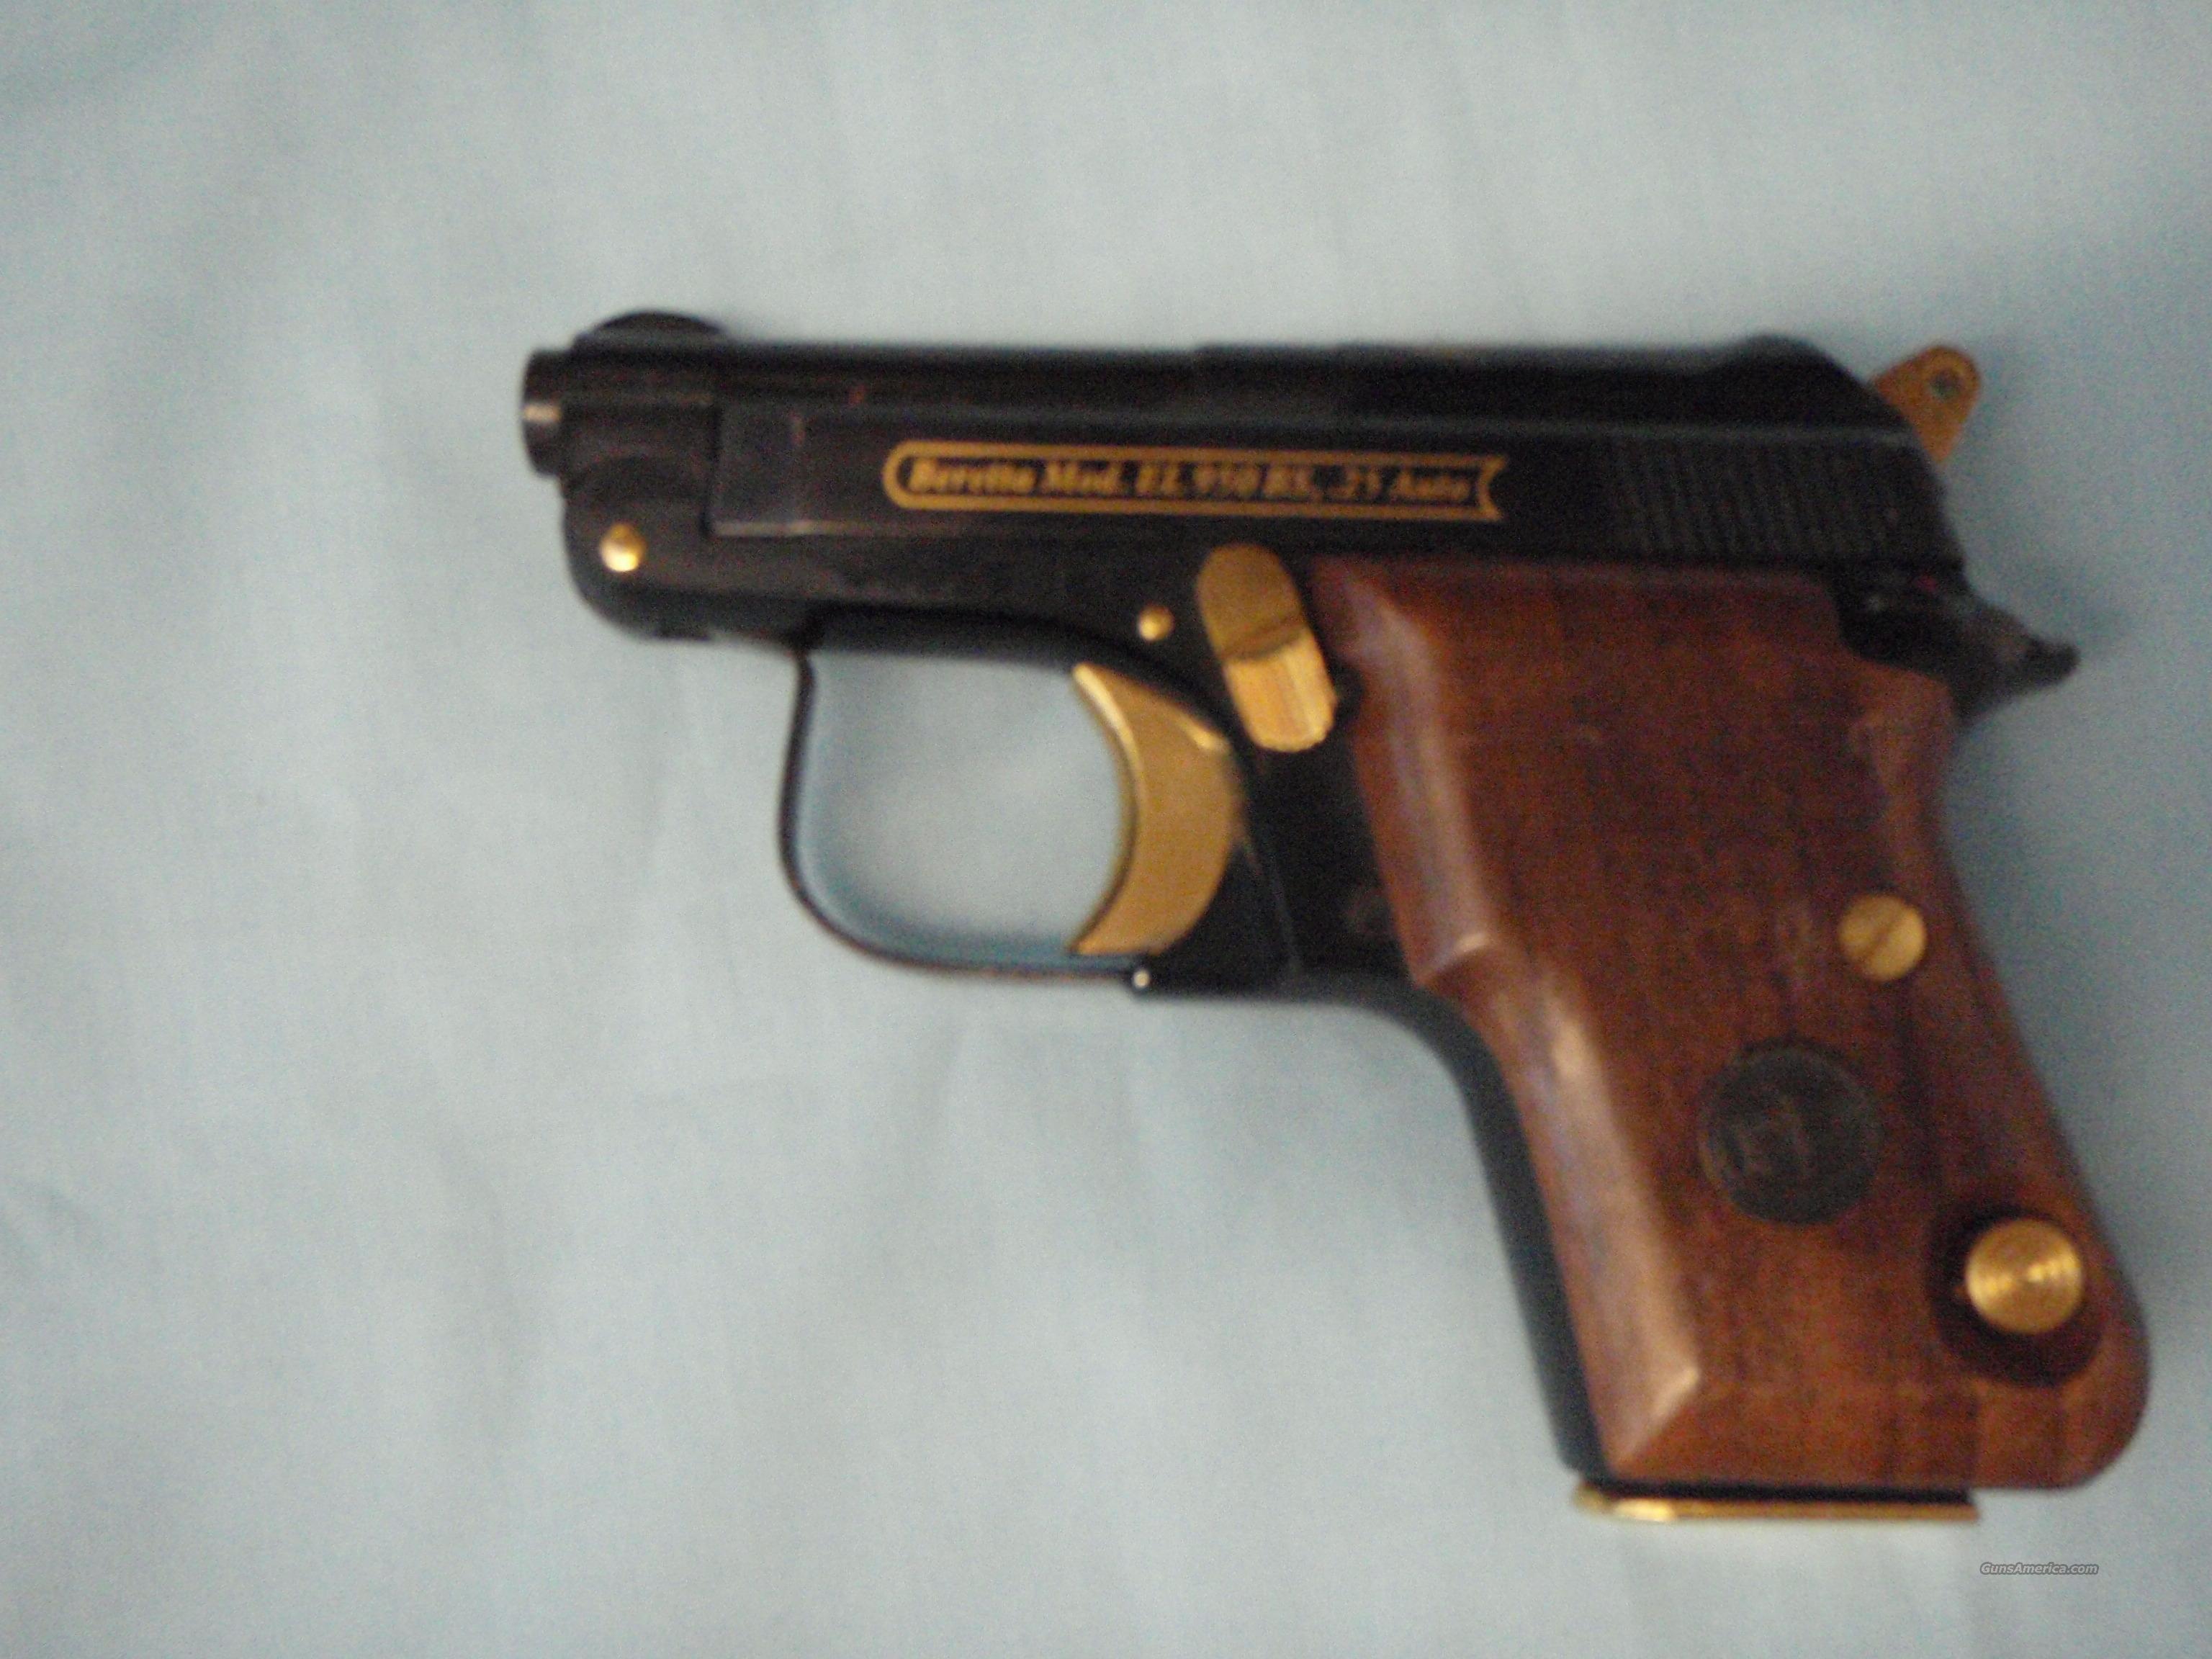 Beretta model 950 bs 25 cal manual